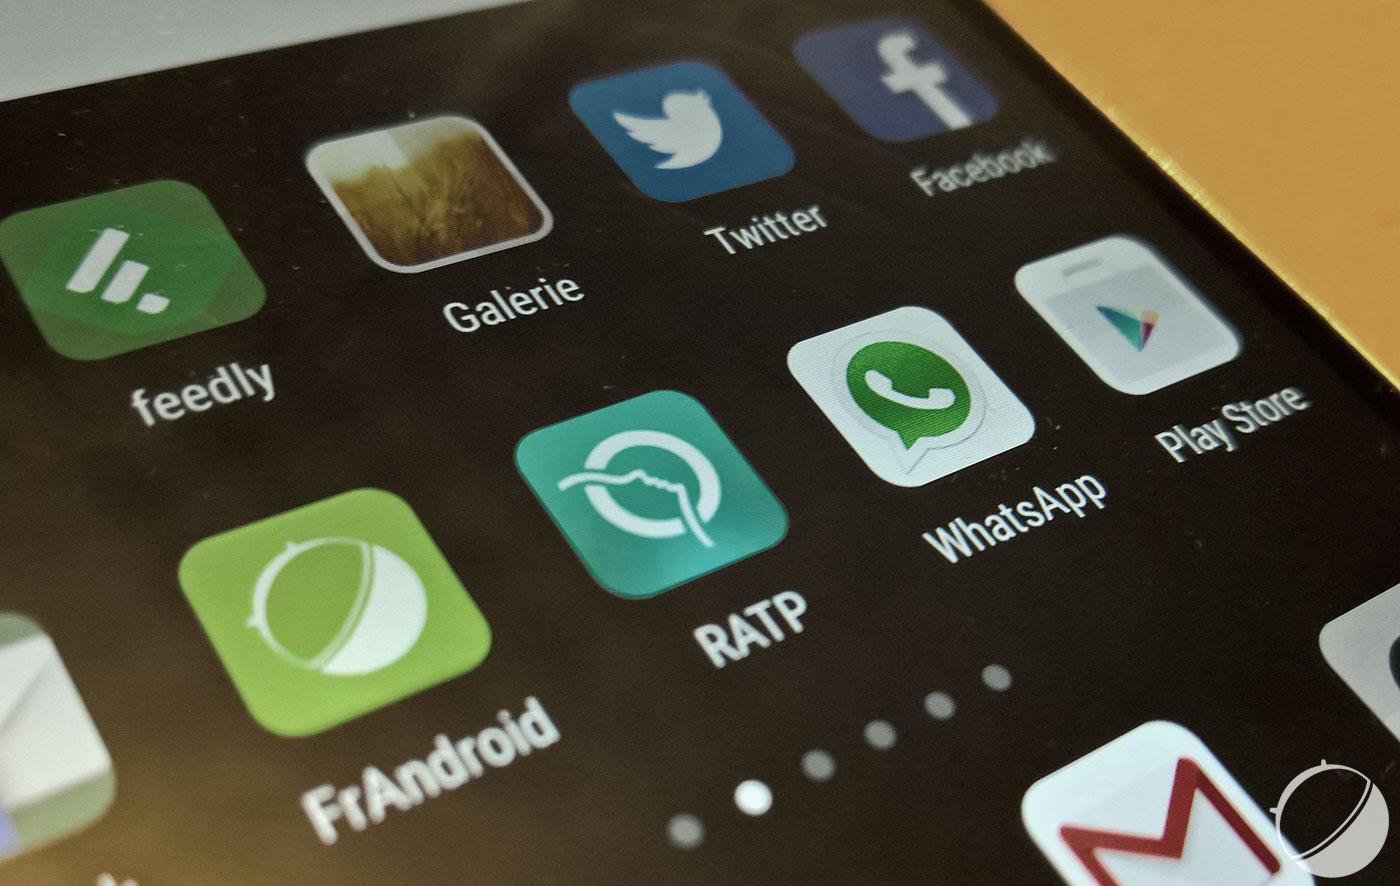 Les prochaines fonctionnalités à attendre dans WhatsApp